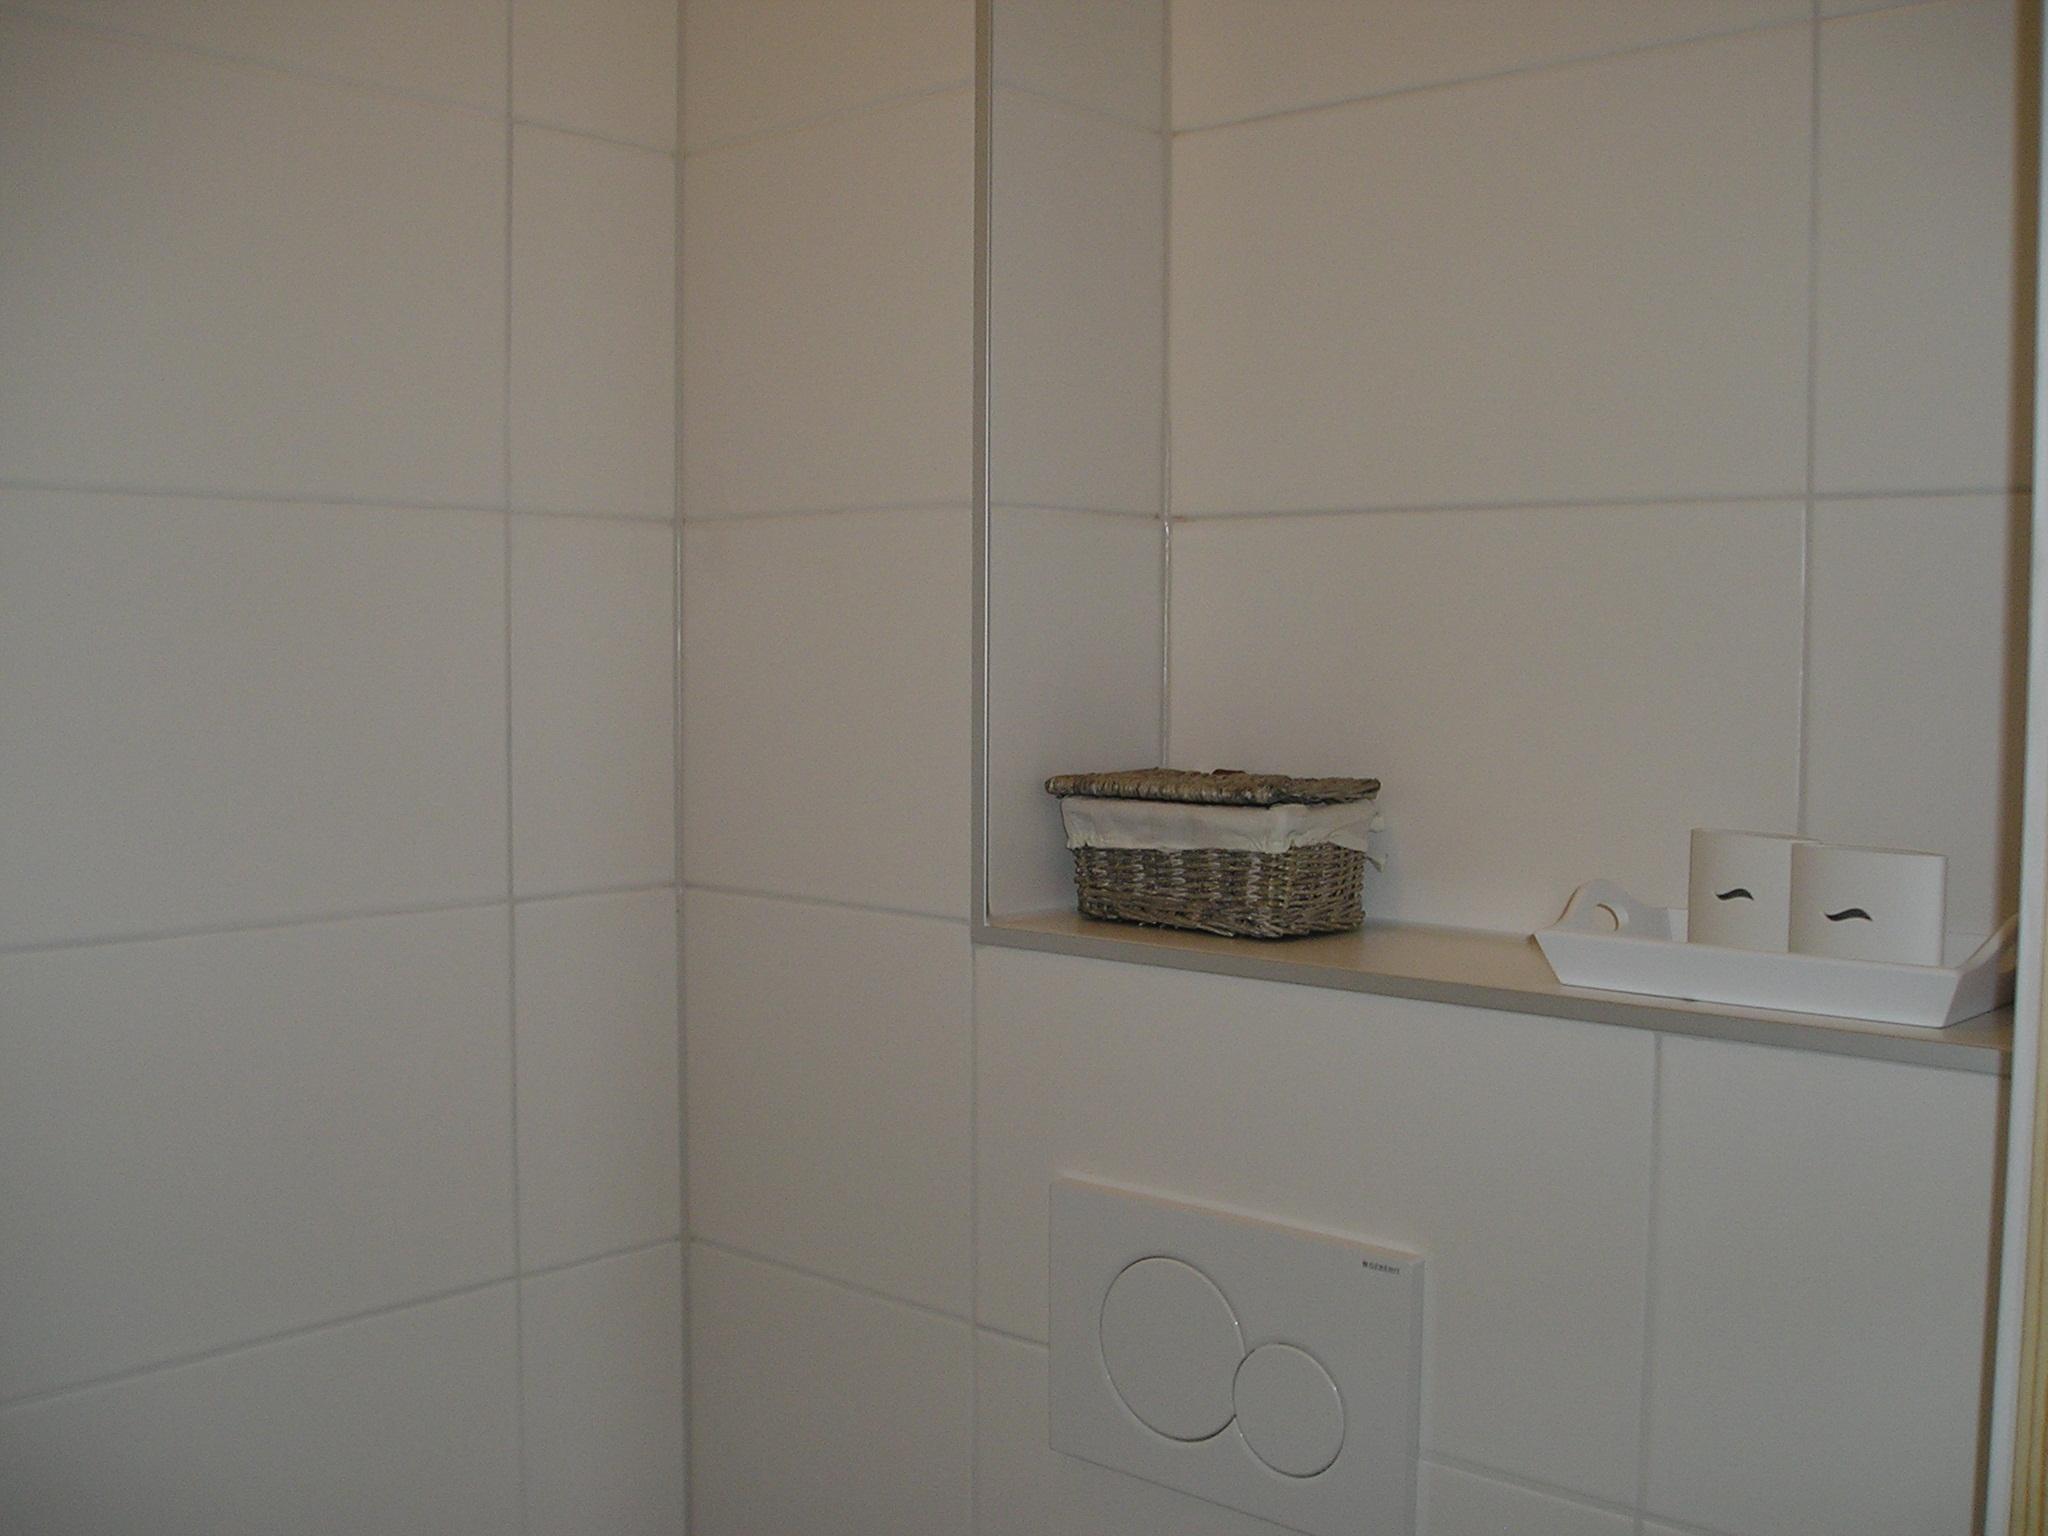 Badkamer & toilet Sebaldeburen 1 - Klus- en onderhoudsbedrijf Veenstra